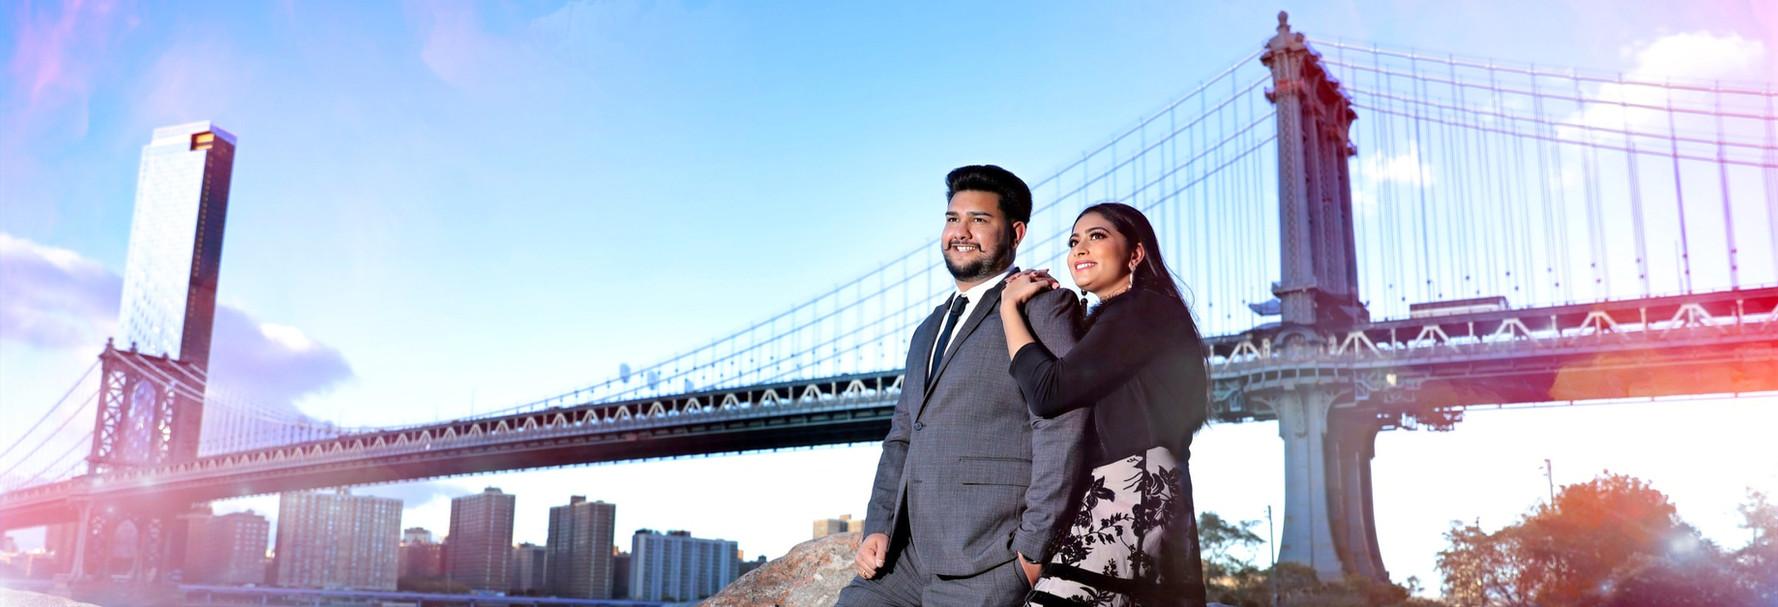 e-shoot-indian-wedding-photographer